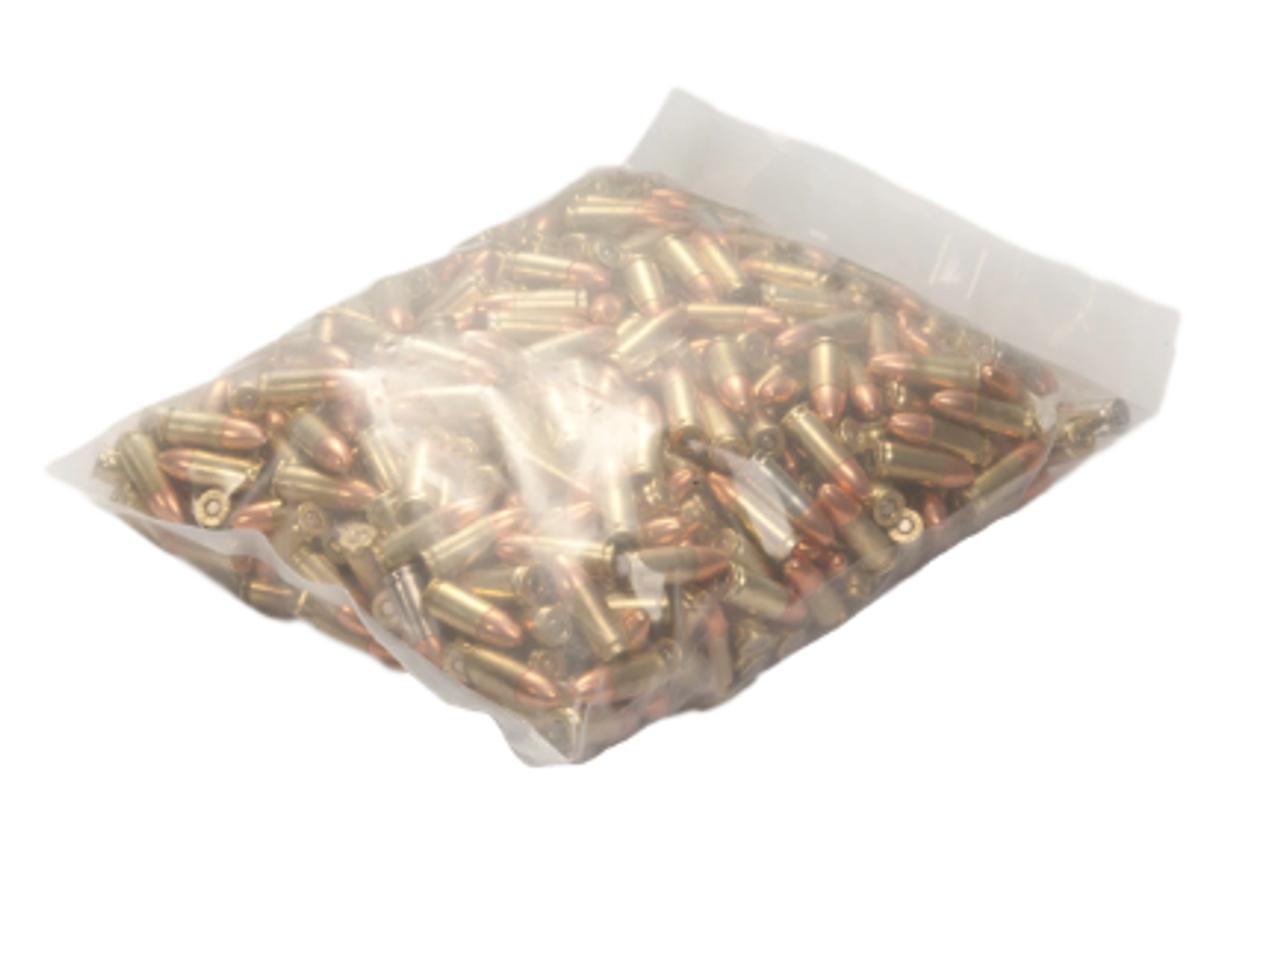 9mm Luger 158 gr. FMJ Competition Load